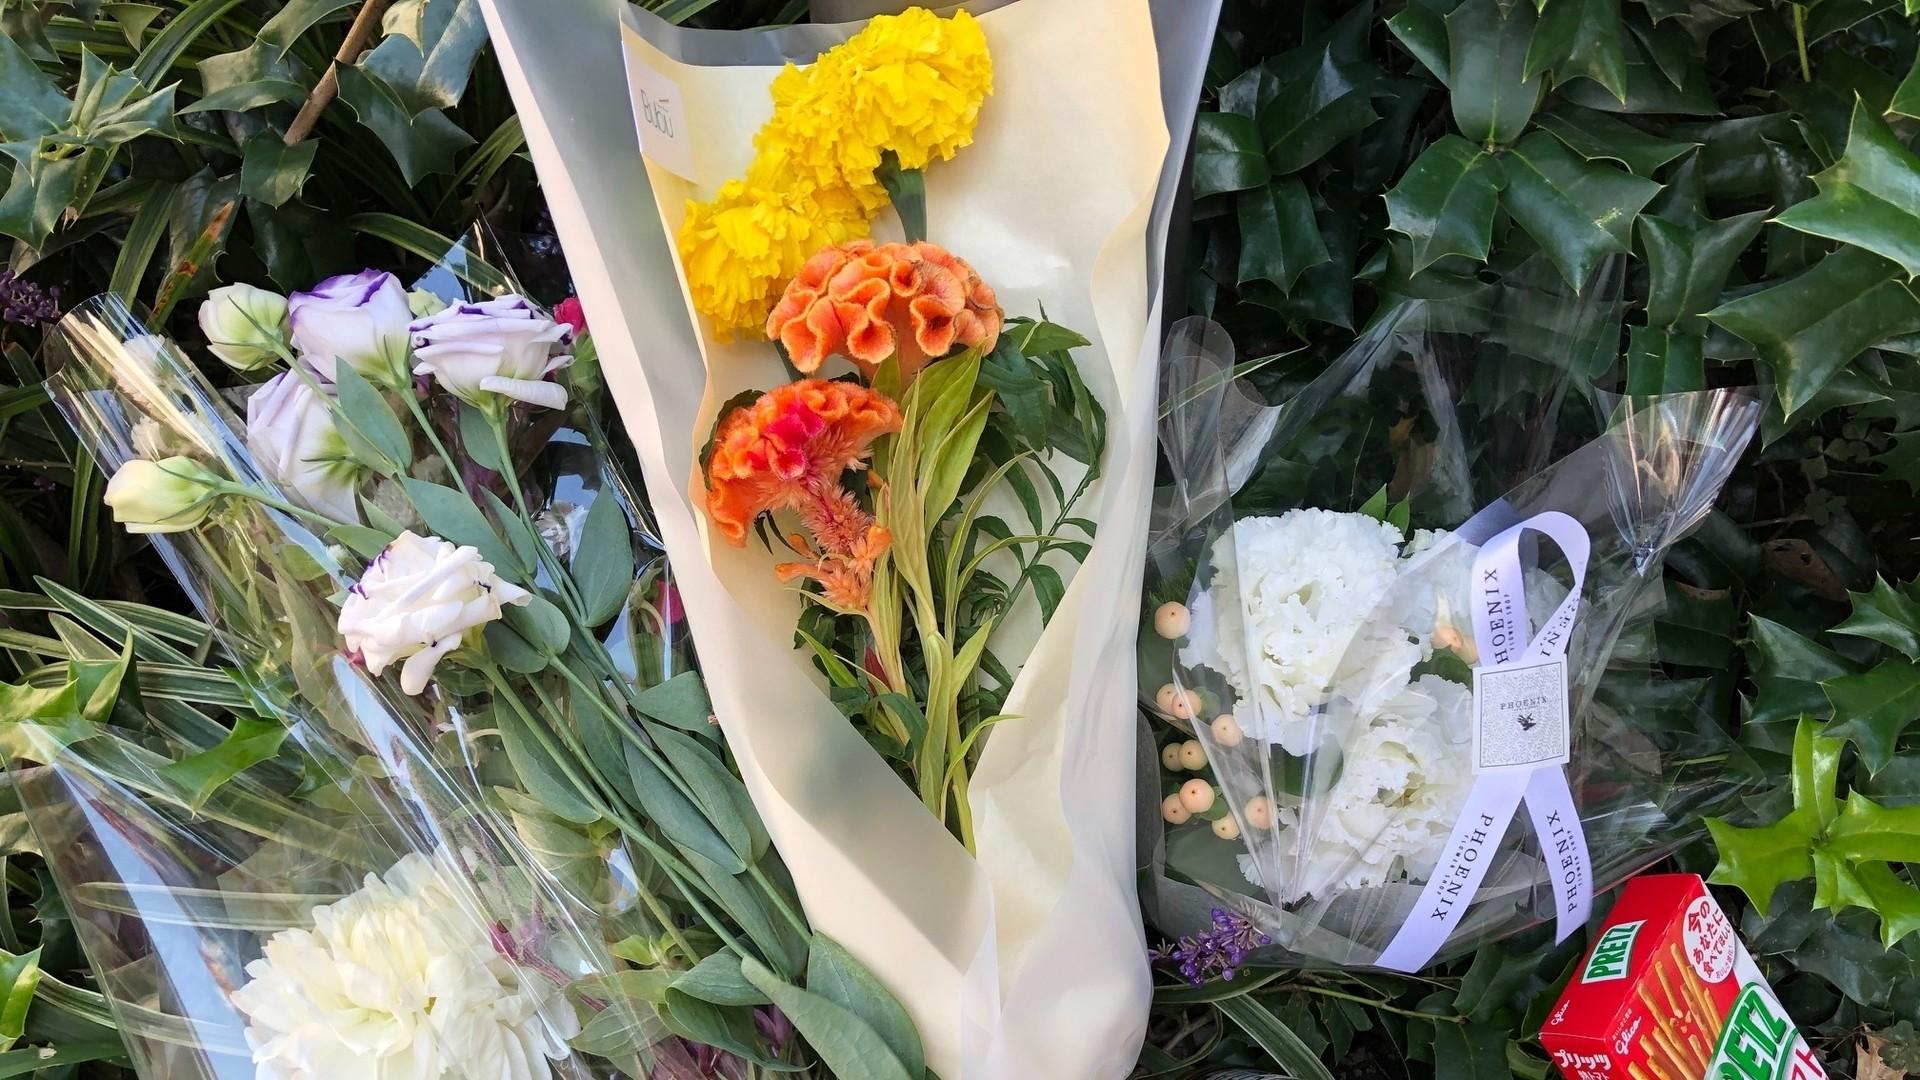 転落巻き添え女子学生死亡の不幸を無くすために(相澤冬樹) - 個人 - Yahoo!ニュース